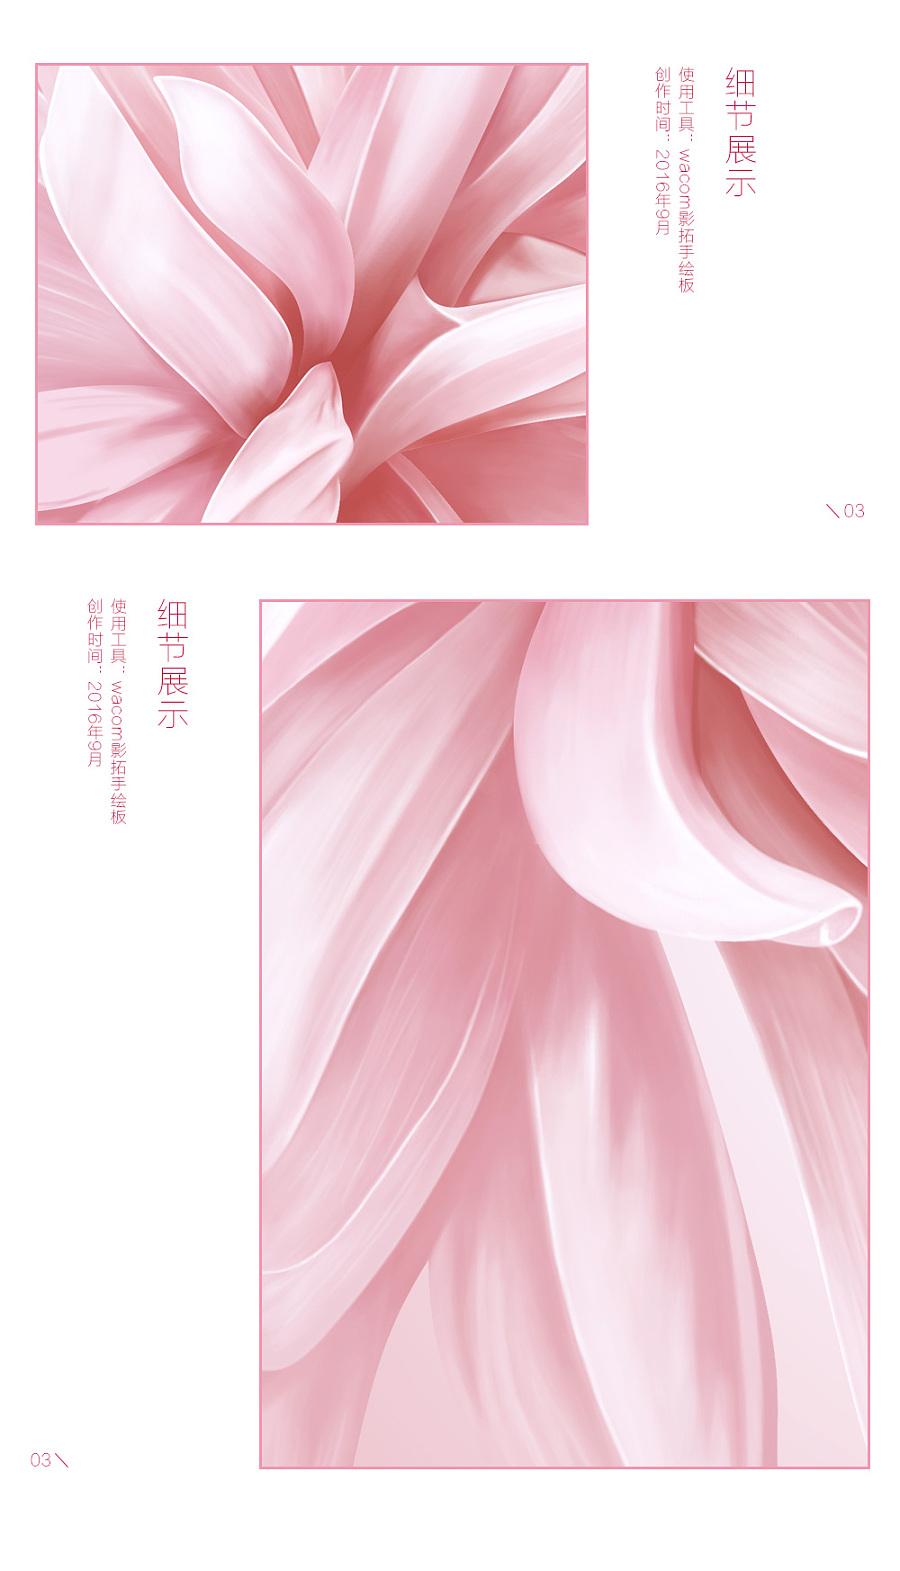 化妆品小清新花瓣插画